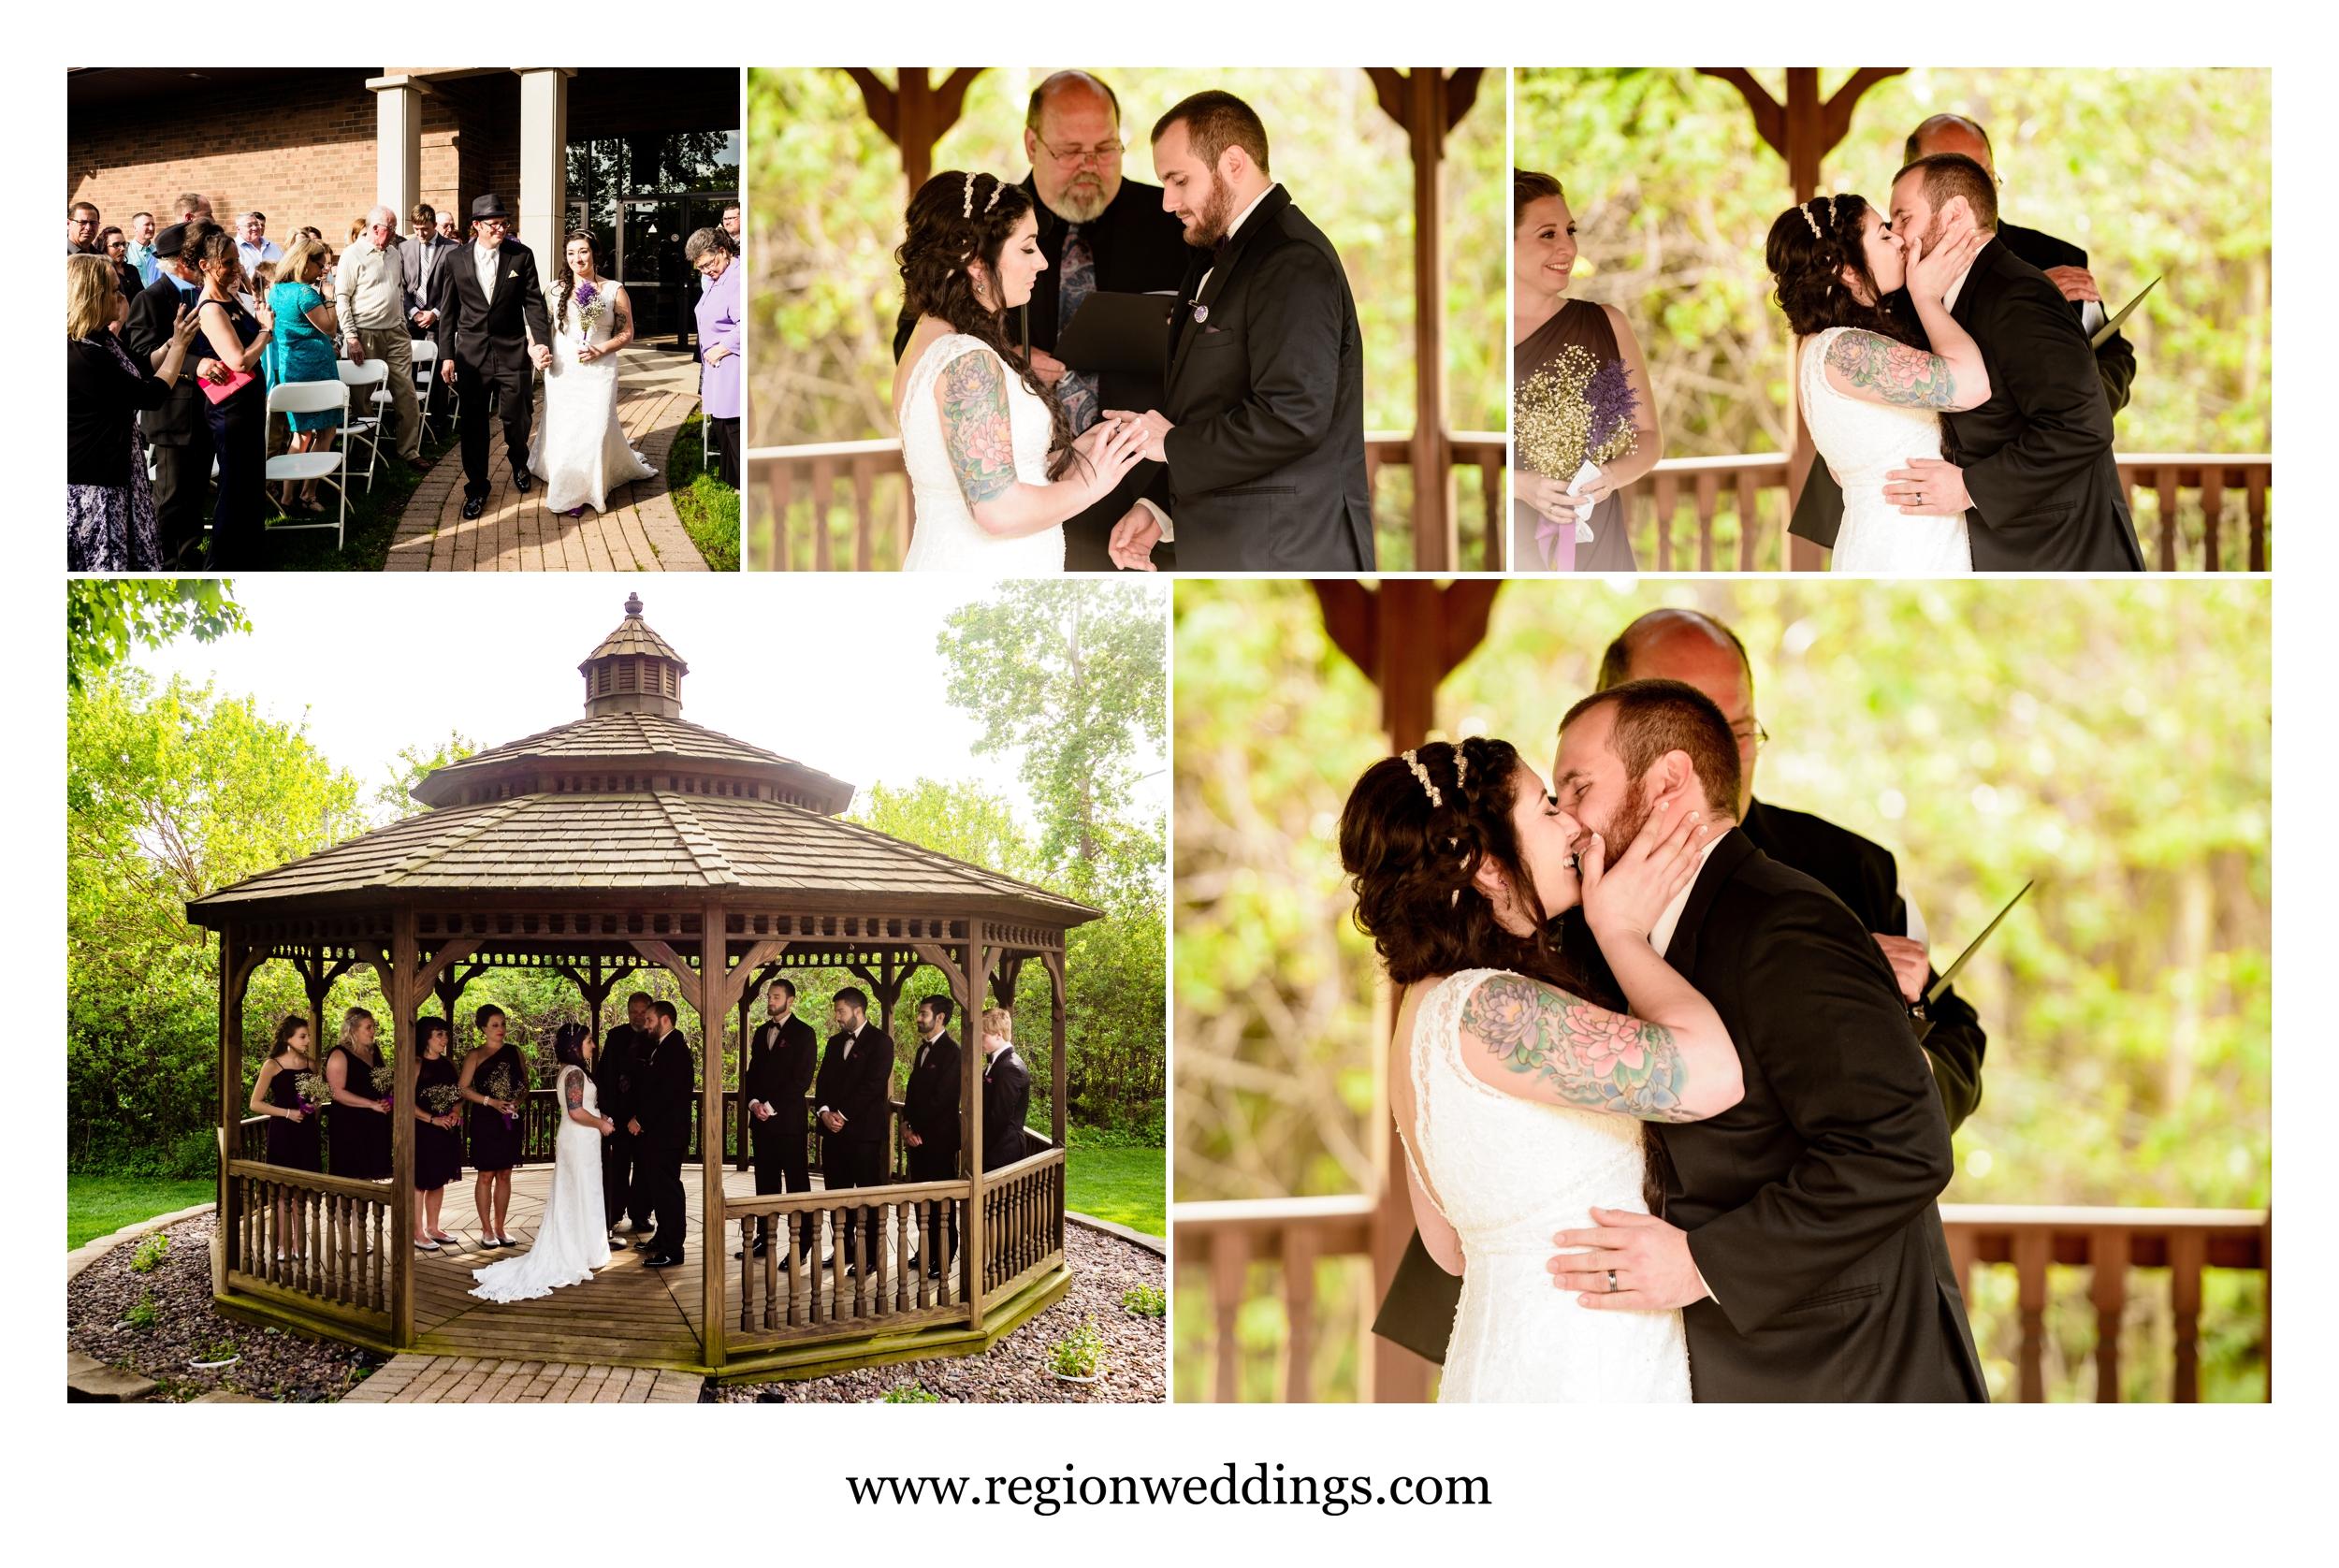 Outdoor wedding ceremony at Villa Cesare.